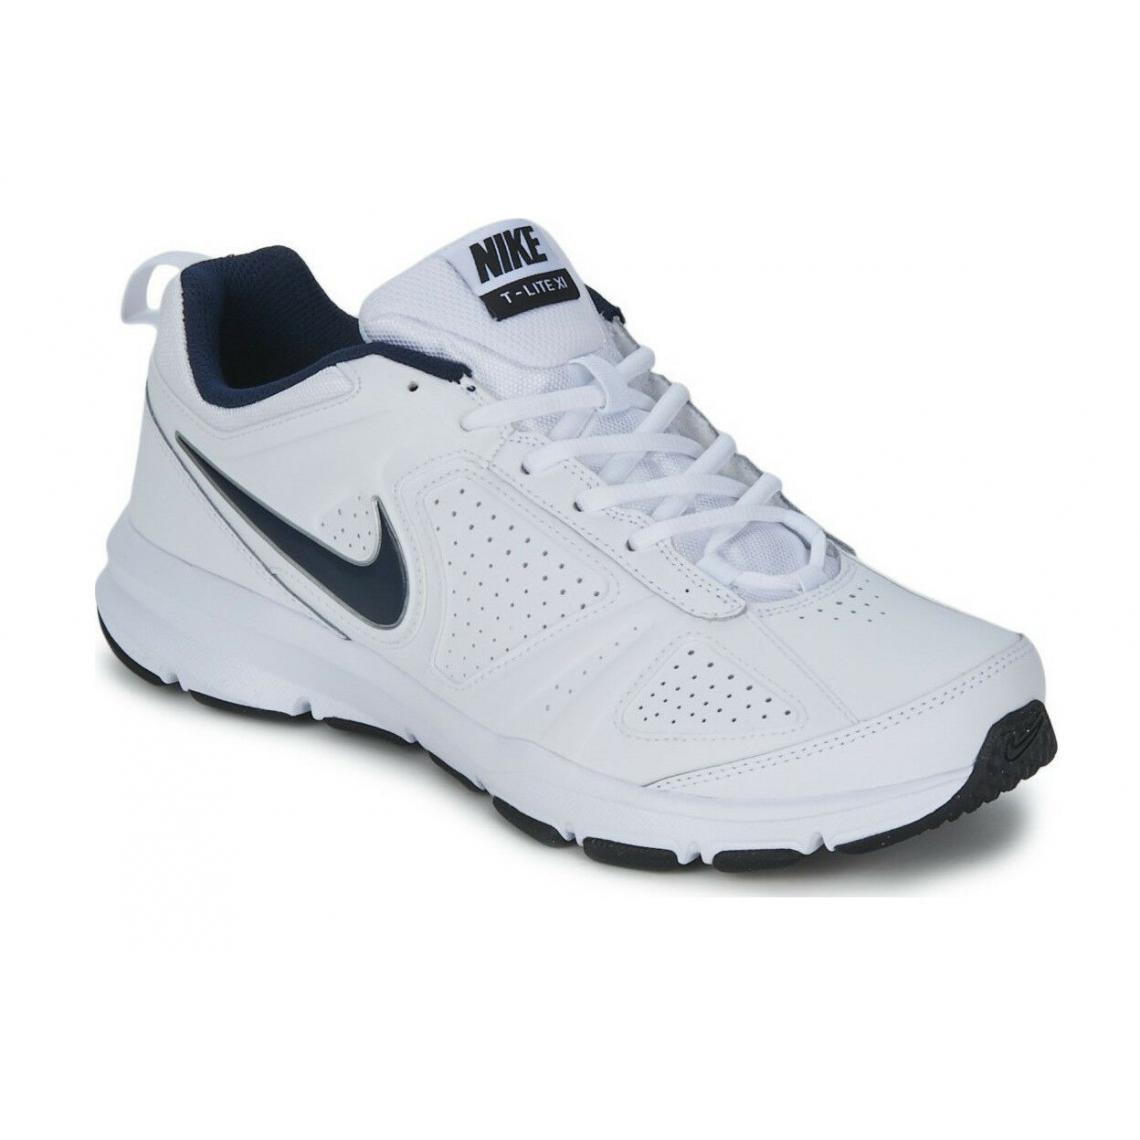 grossiste 3a3a9 32ab8 Chaussure de course à lacets Nike homme - Blanc | 3 SUISSES